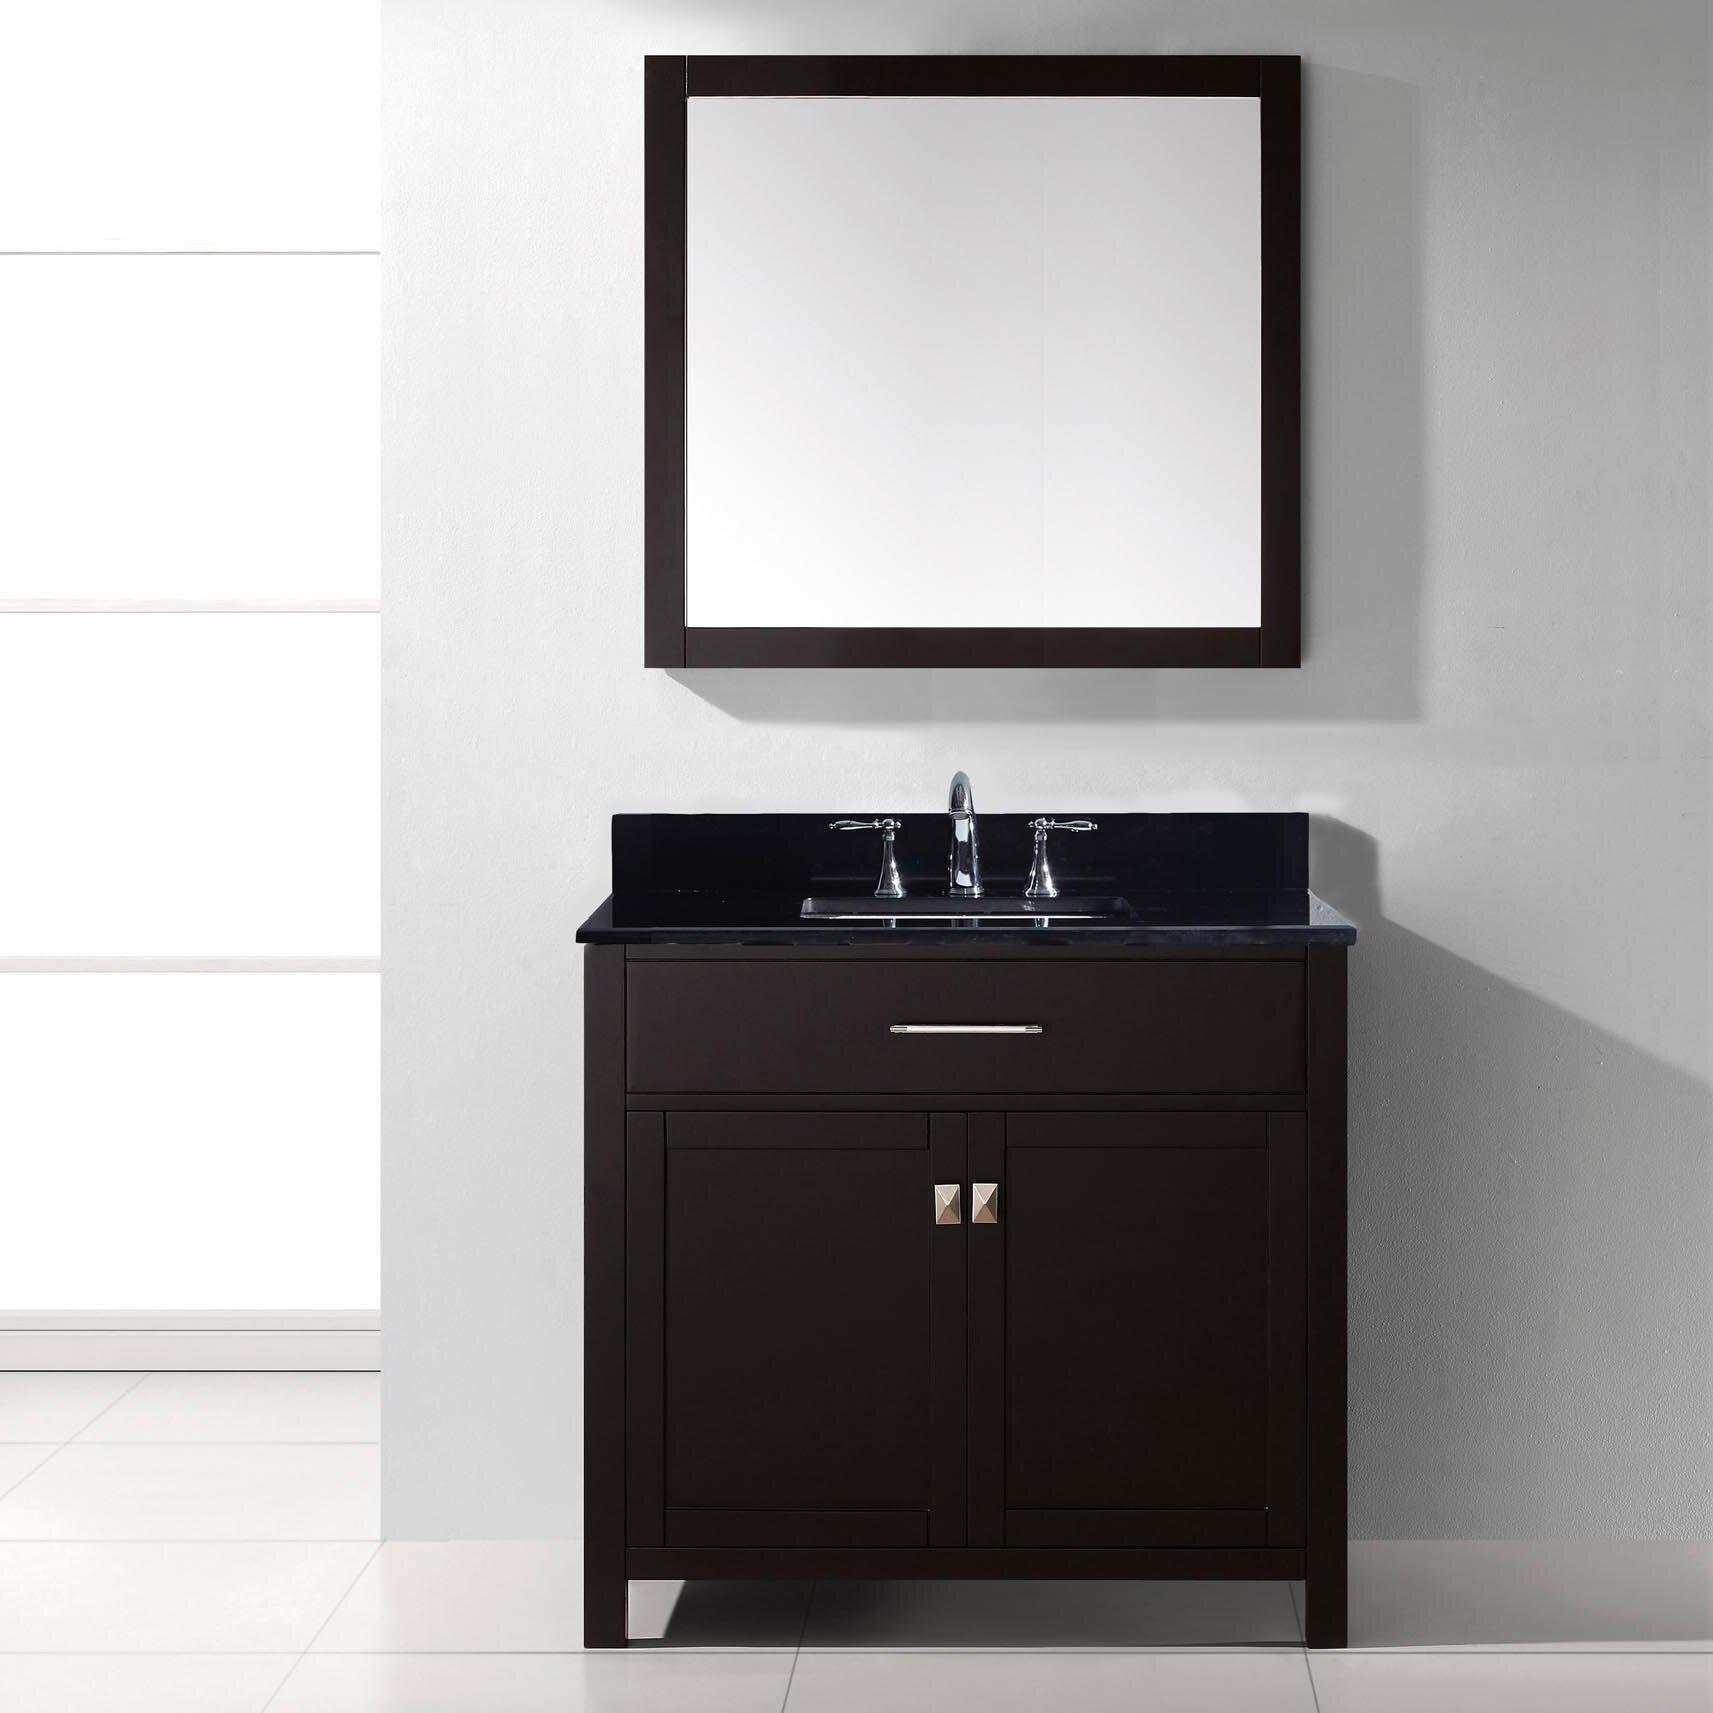 Virtu caroline 36 single bathroom vanity set with black for Bathroom mirror set